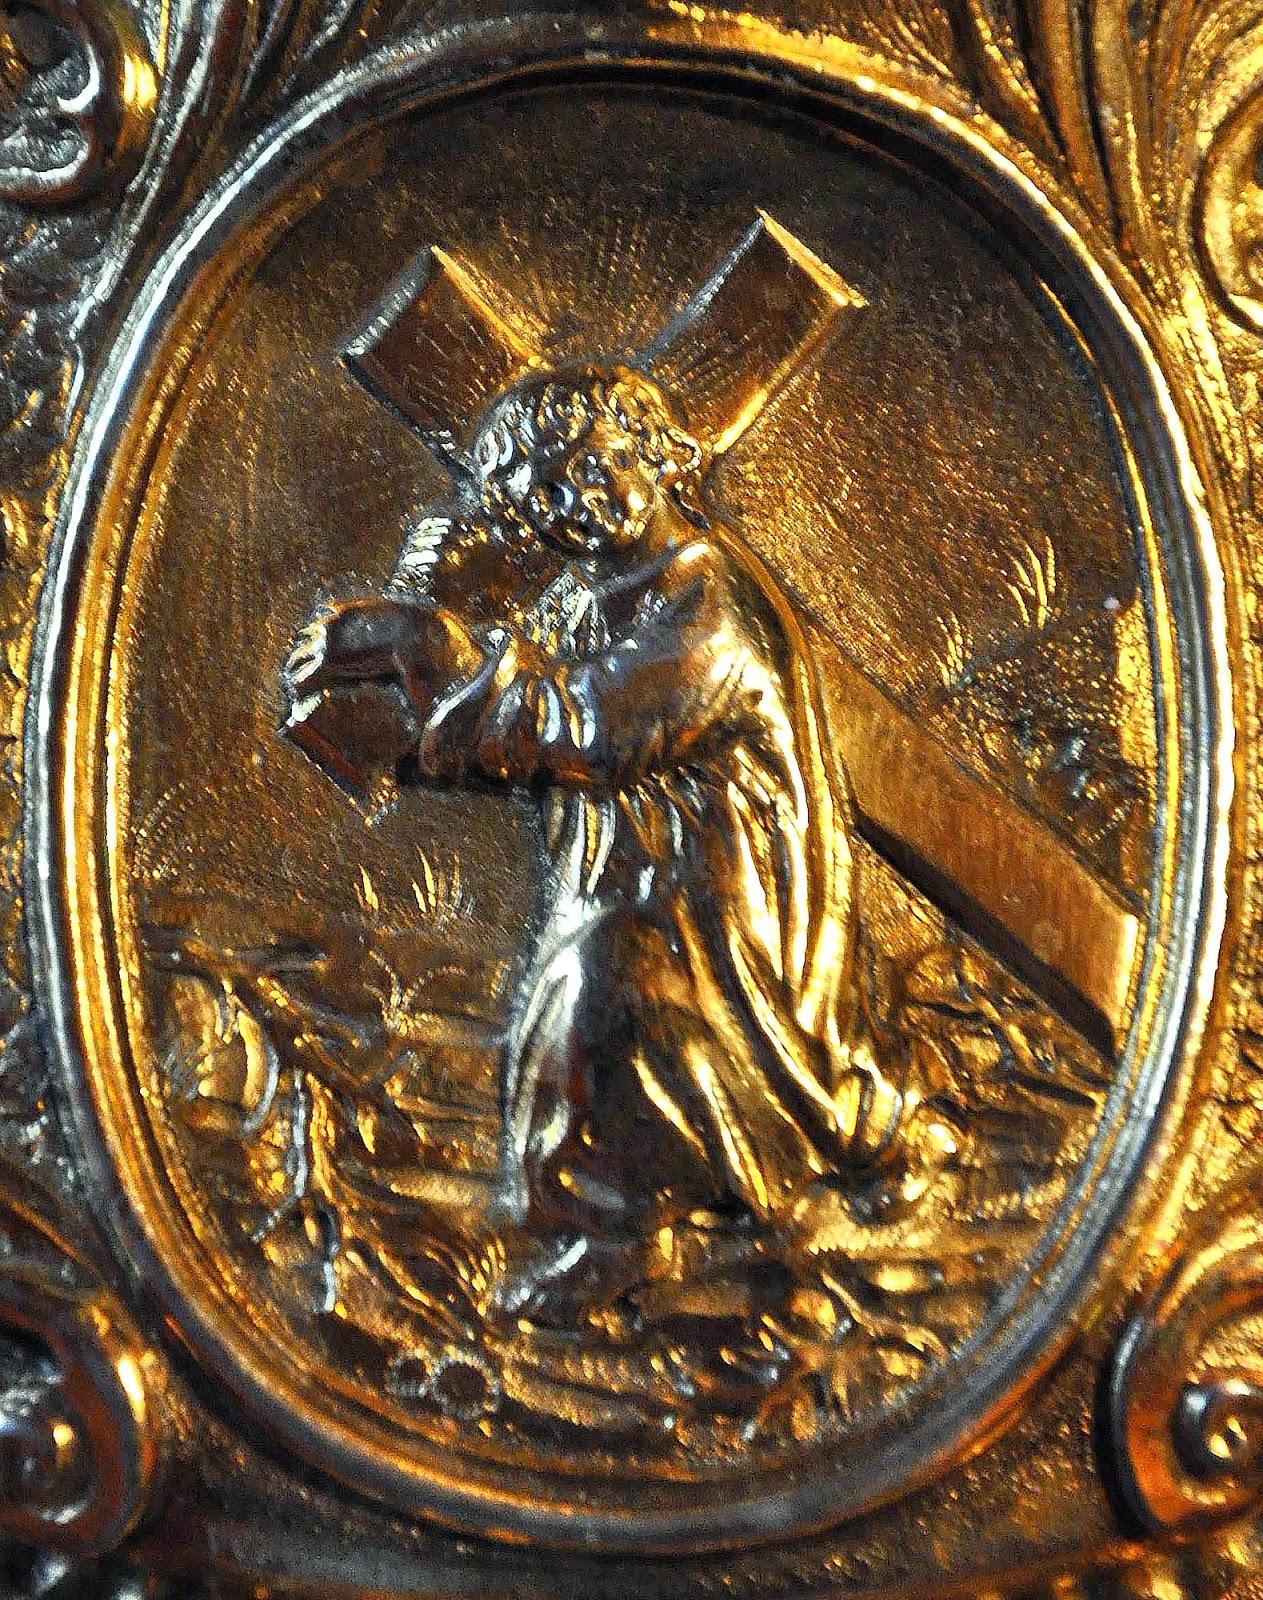 """Plakieta z wizerunkiem Dzieciątka Jezus z krzyżem na podstawie monstrancji z 1707 roku. Motyw leżącego bądź siedzącego Dzieciątka Jezus, któremu towarzyszą narzędzia Pasji (łac.: arma Christi) pojawił się w sztuce barokowego Rzymu w latach dwudziestych - trzydziestych XVII wieku. Kult Dzieciątka Jezus w Europie doby Kontrreformacji wytworzył wiele formuł ikonograficznych obrazujących relację między Dzieciątkiem a jego przyszłym losem. Idea, że Droga Krzyżowa - via crucis - rozpoczęła się już w Dzieciństwie Jezusa, odwoływała się do mistyki średniowiecznej, przede wszystkim do Tomasza a Kempis, który w medytacjach """"O naśladowaniu Chrystusa"""" przedstawiał koncentrowanie się myśli małego Jezusa na Jego zbawczej śmierci… [wg opisu obrazu nieznanego twórcy z XVIII w Muzeum Narodowym w Krakowie]"""